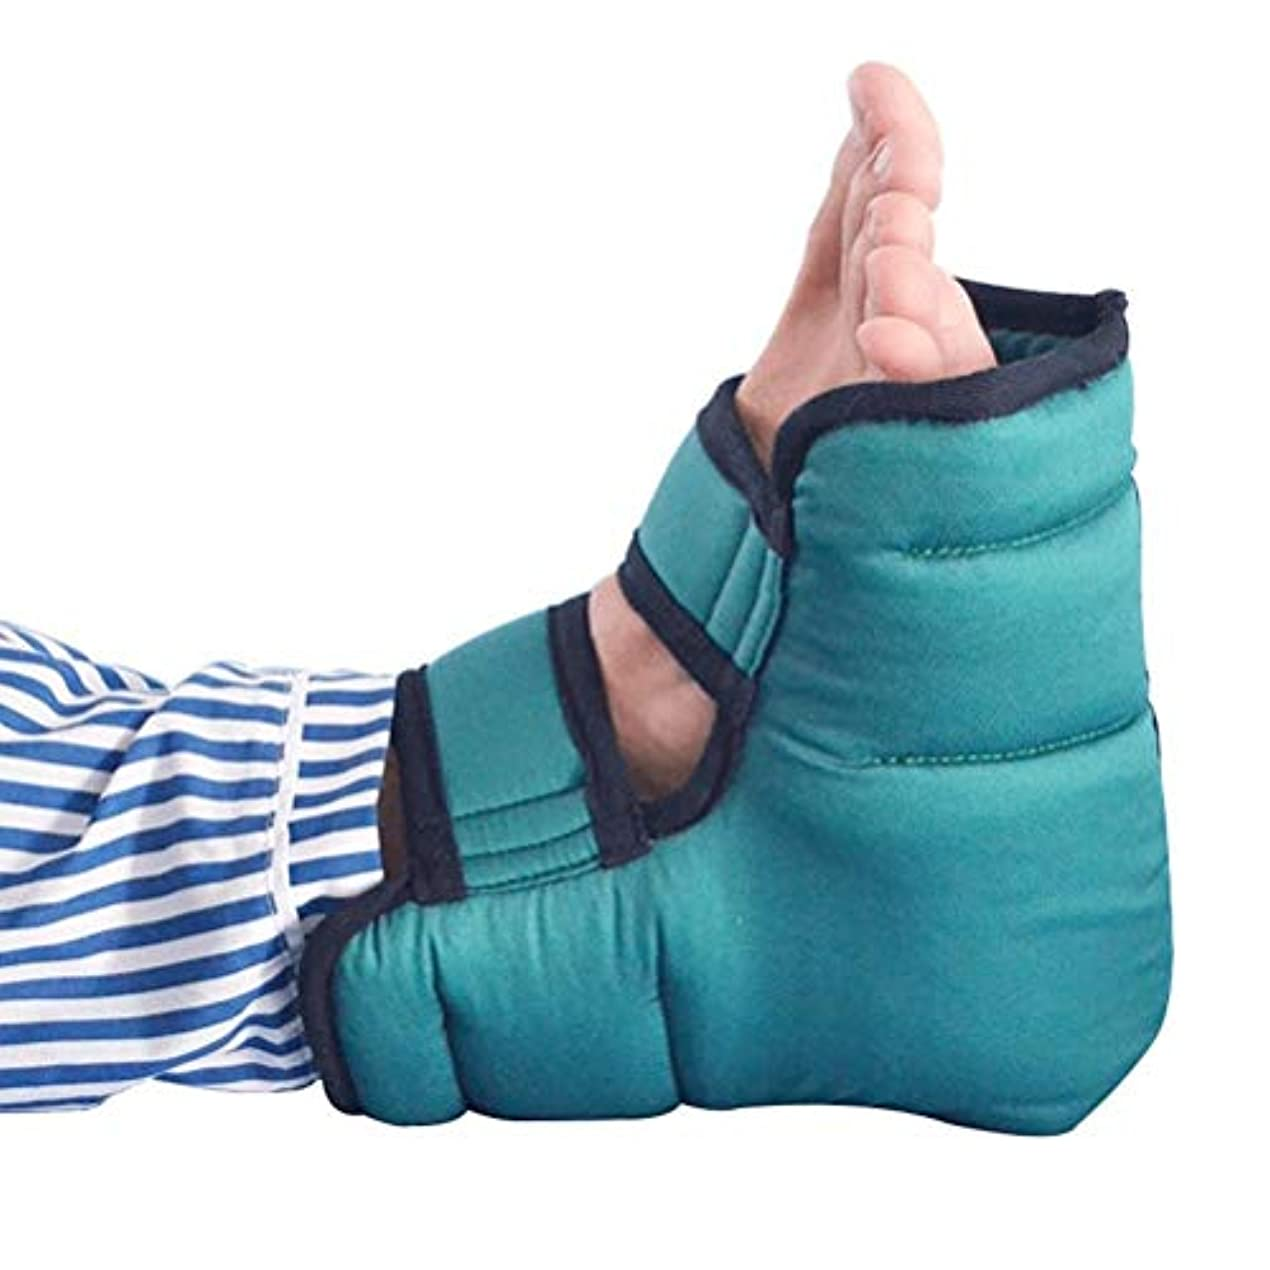 強調操る呪いBed瘡防止綿通気性ヒールクッション、圧力緩和ヒールプロテクター、通気性ヒールプロテクター枕、青、1ペア、24×23 cm